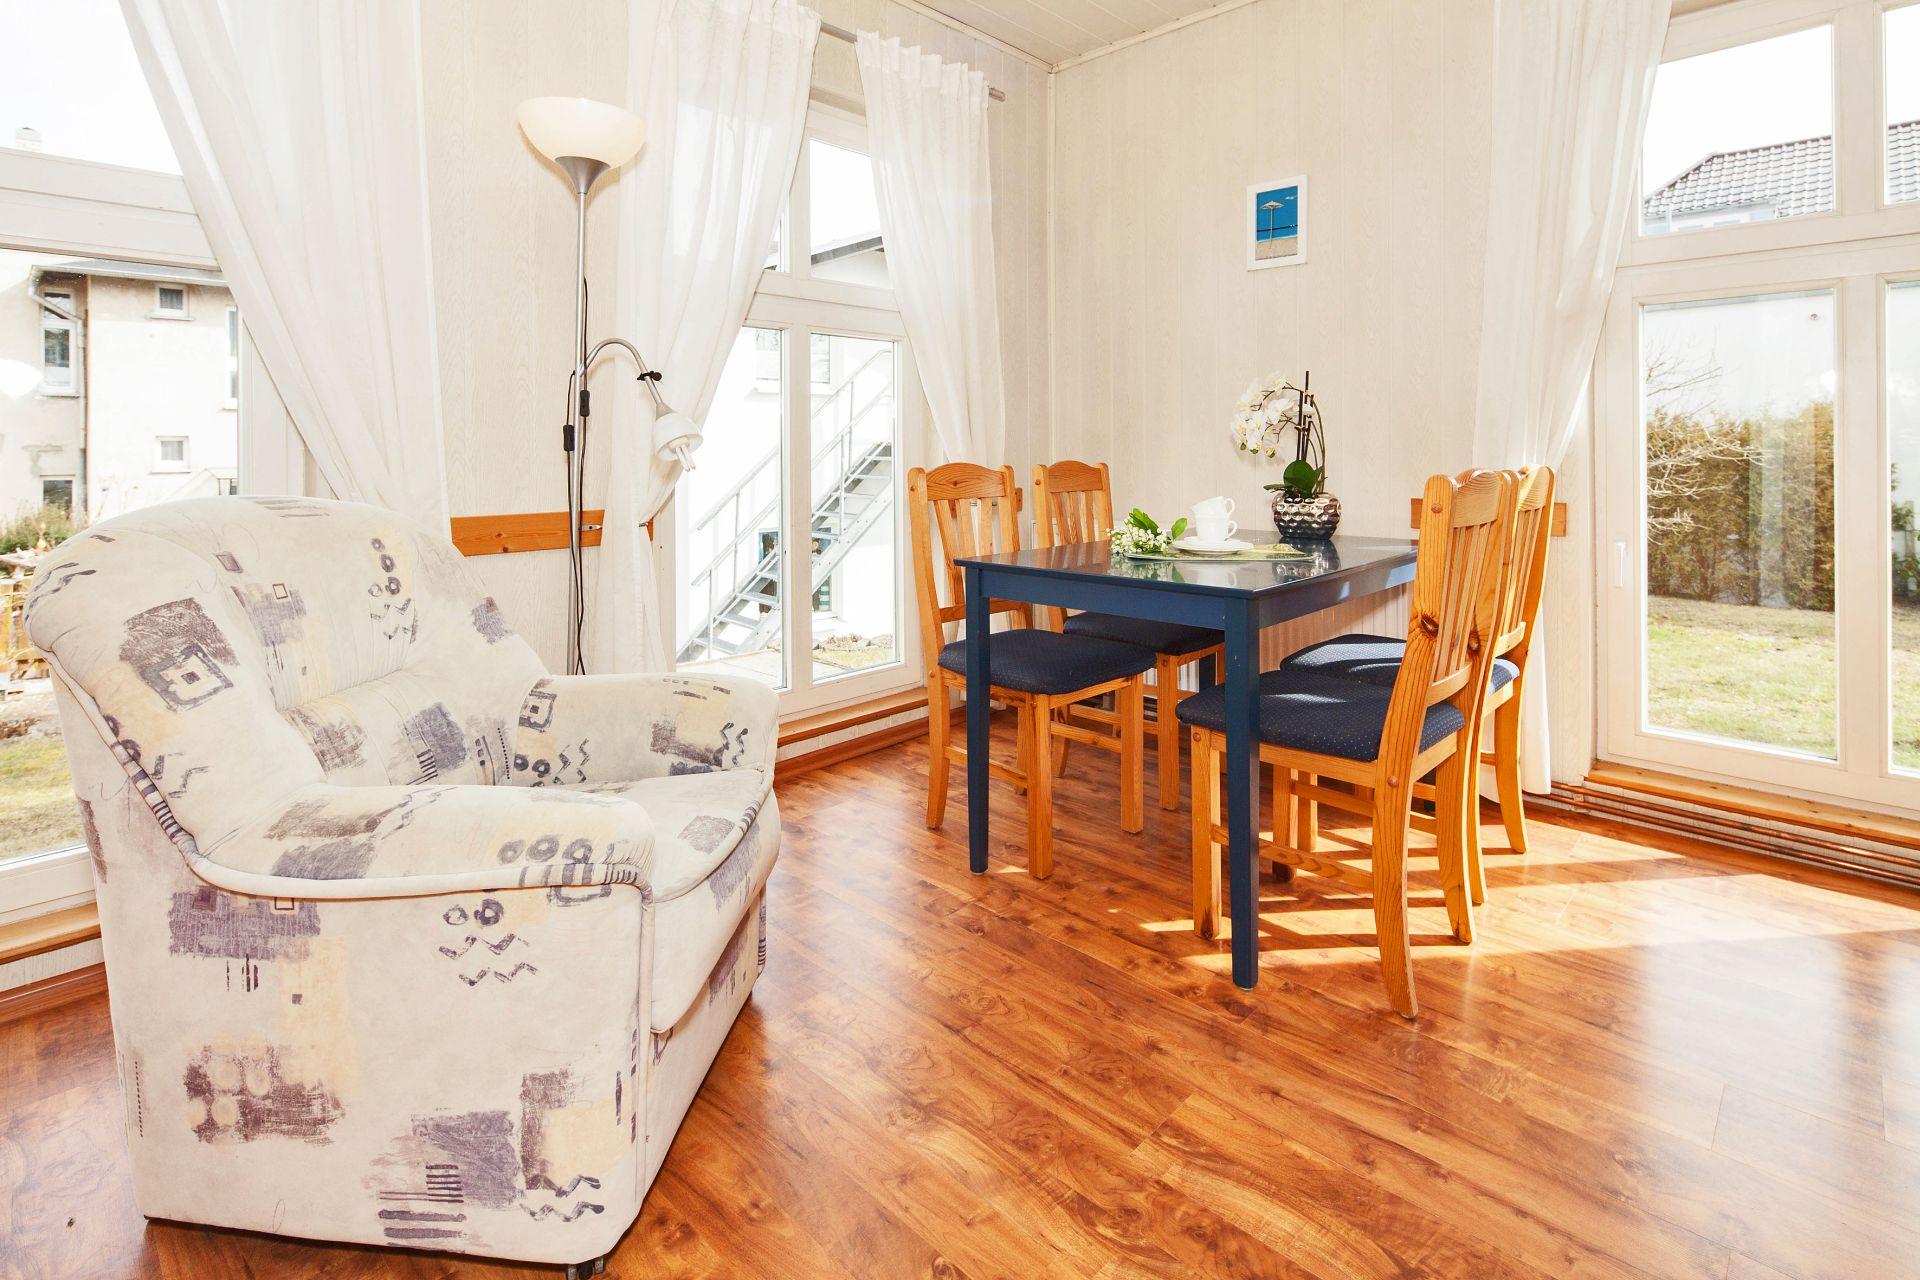 IMG 8124 Aufnachusedom Ferienwohnung Ferienhaus und Meehr Ahlbeck Bansin Usedom Insel 16 - Ferienhaus Ahlbeck